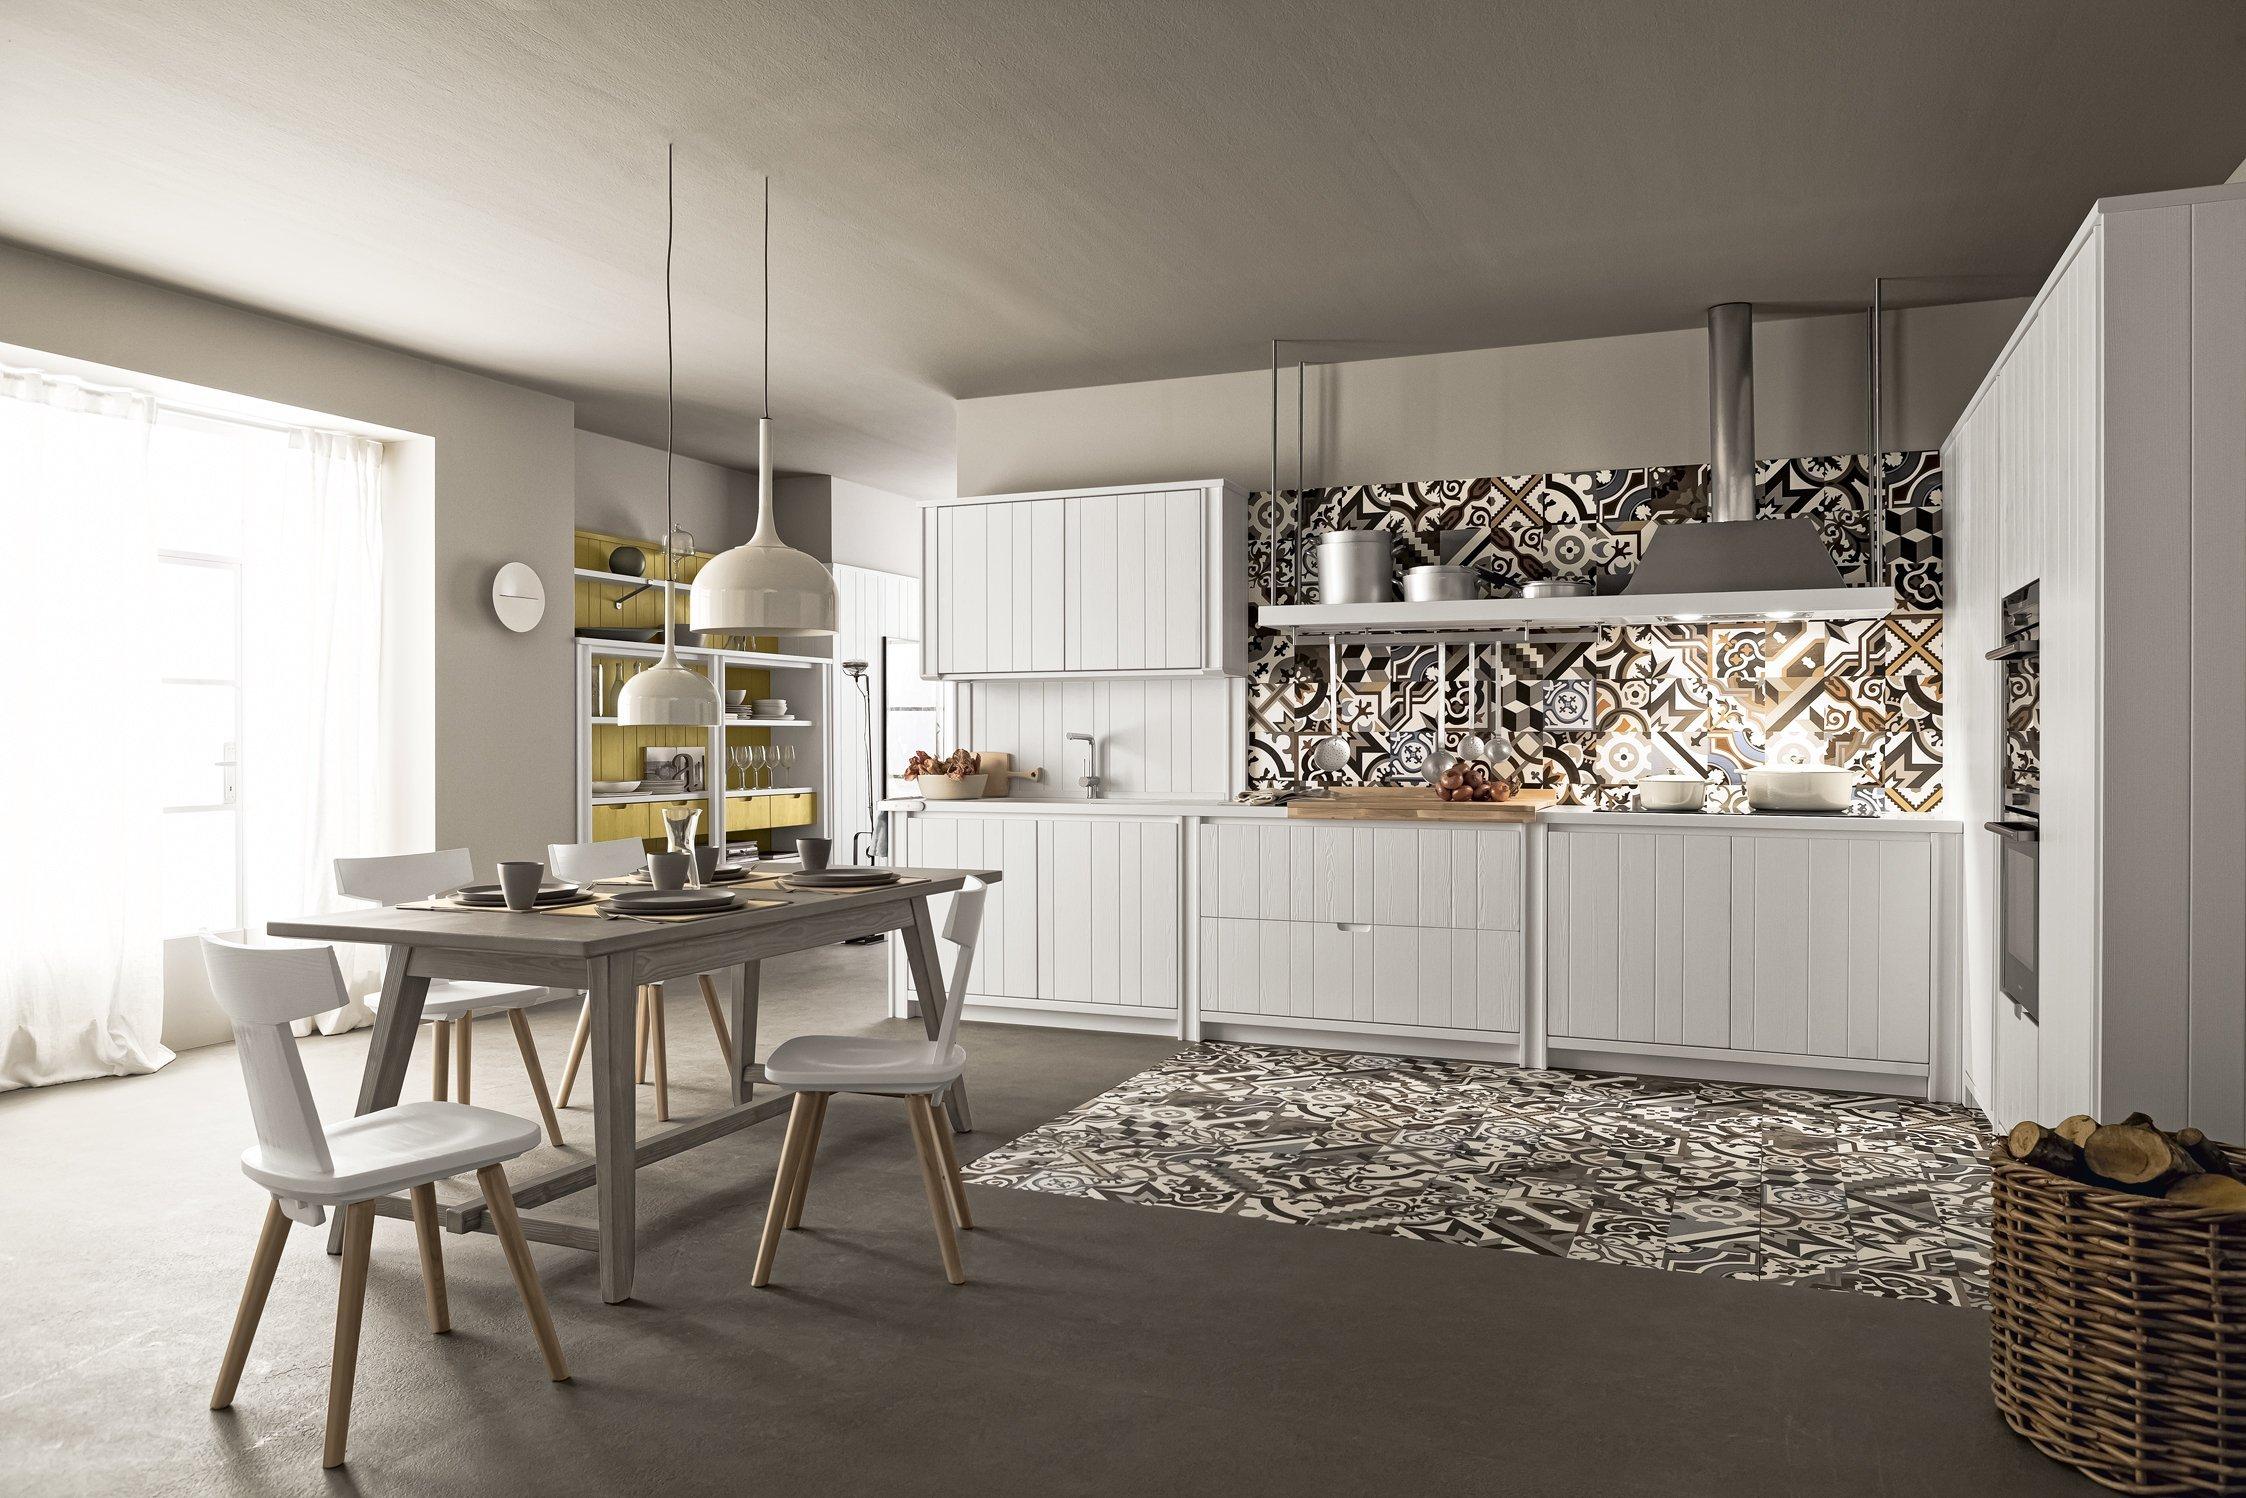 esempio di composizione di cucina tradizionale bianca in legno